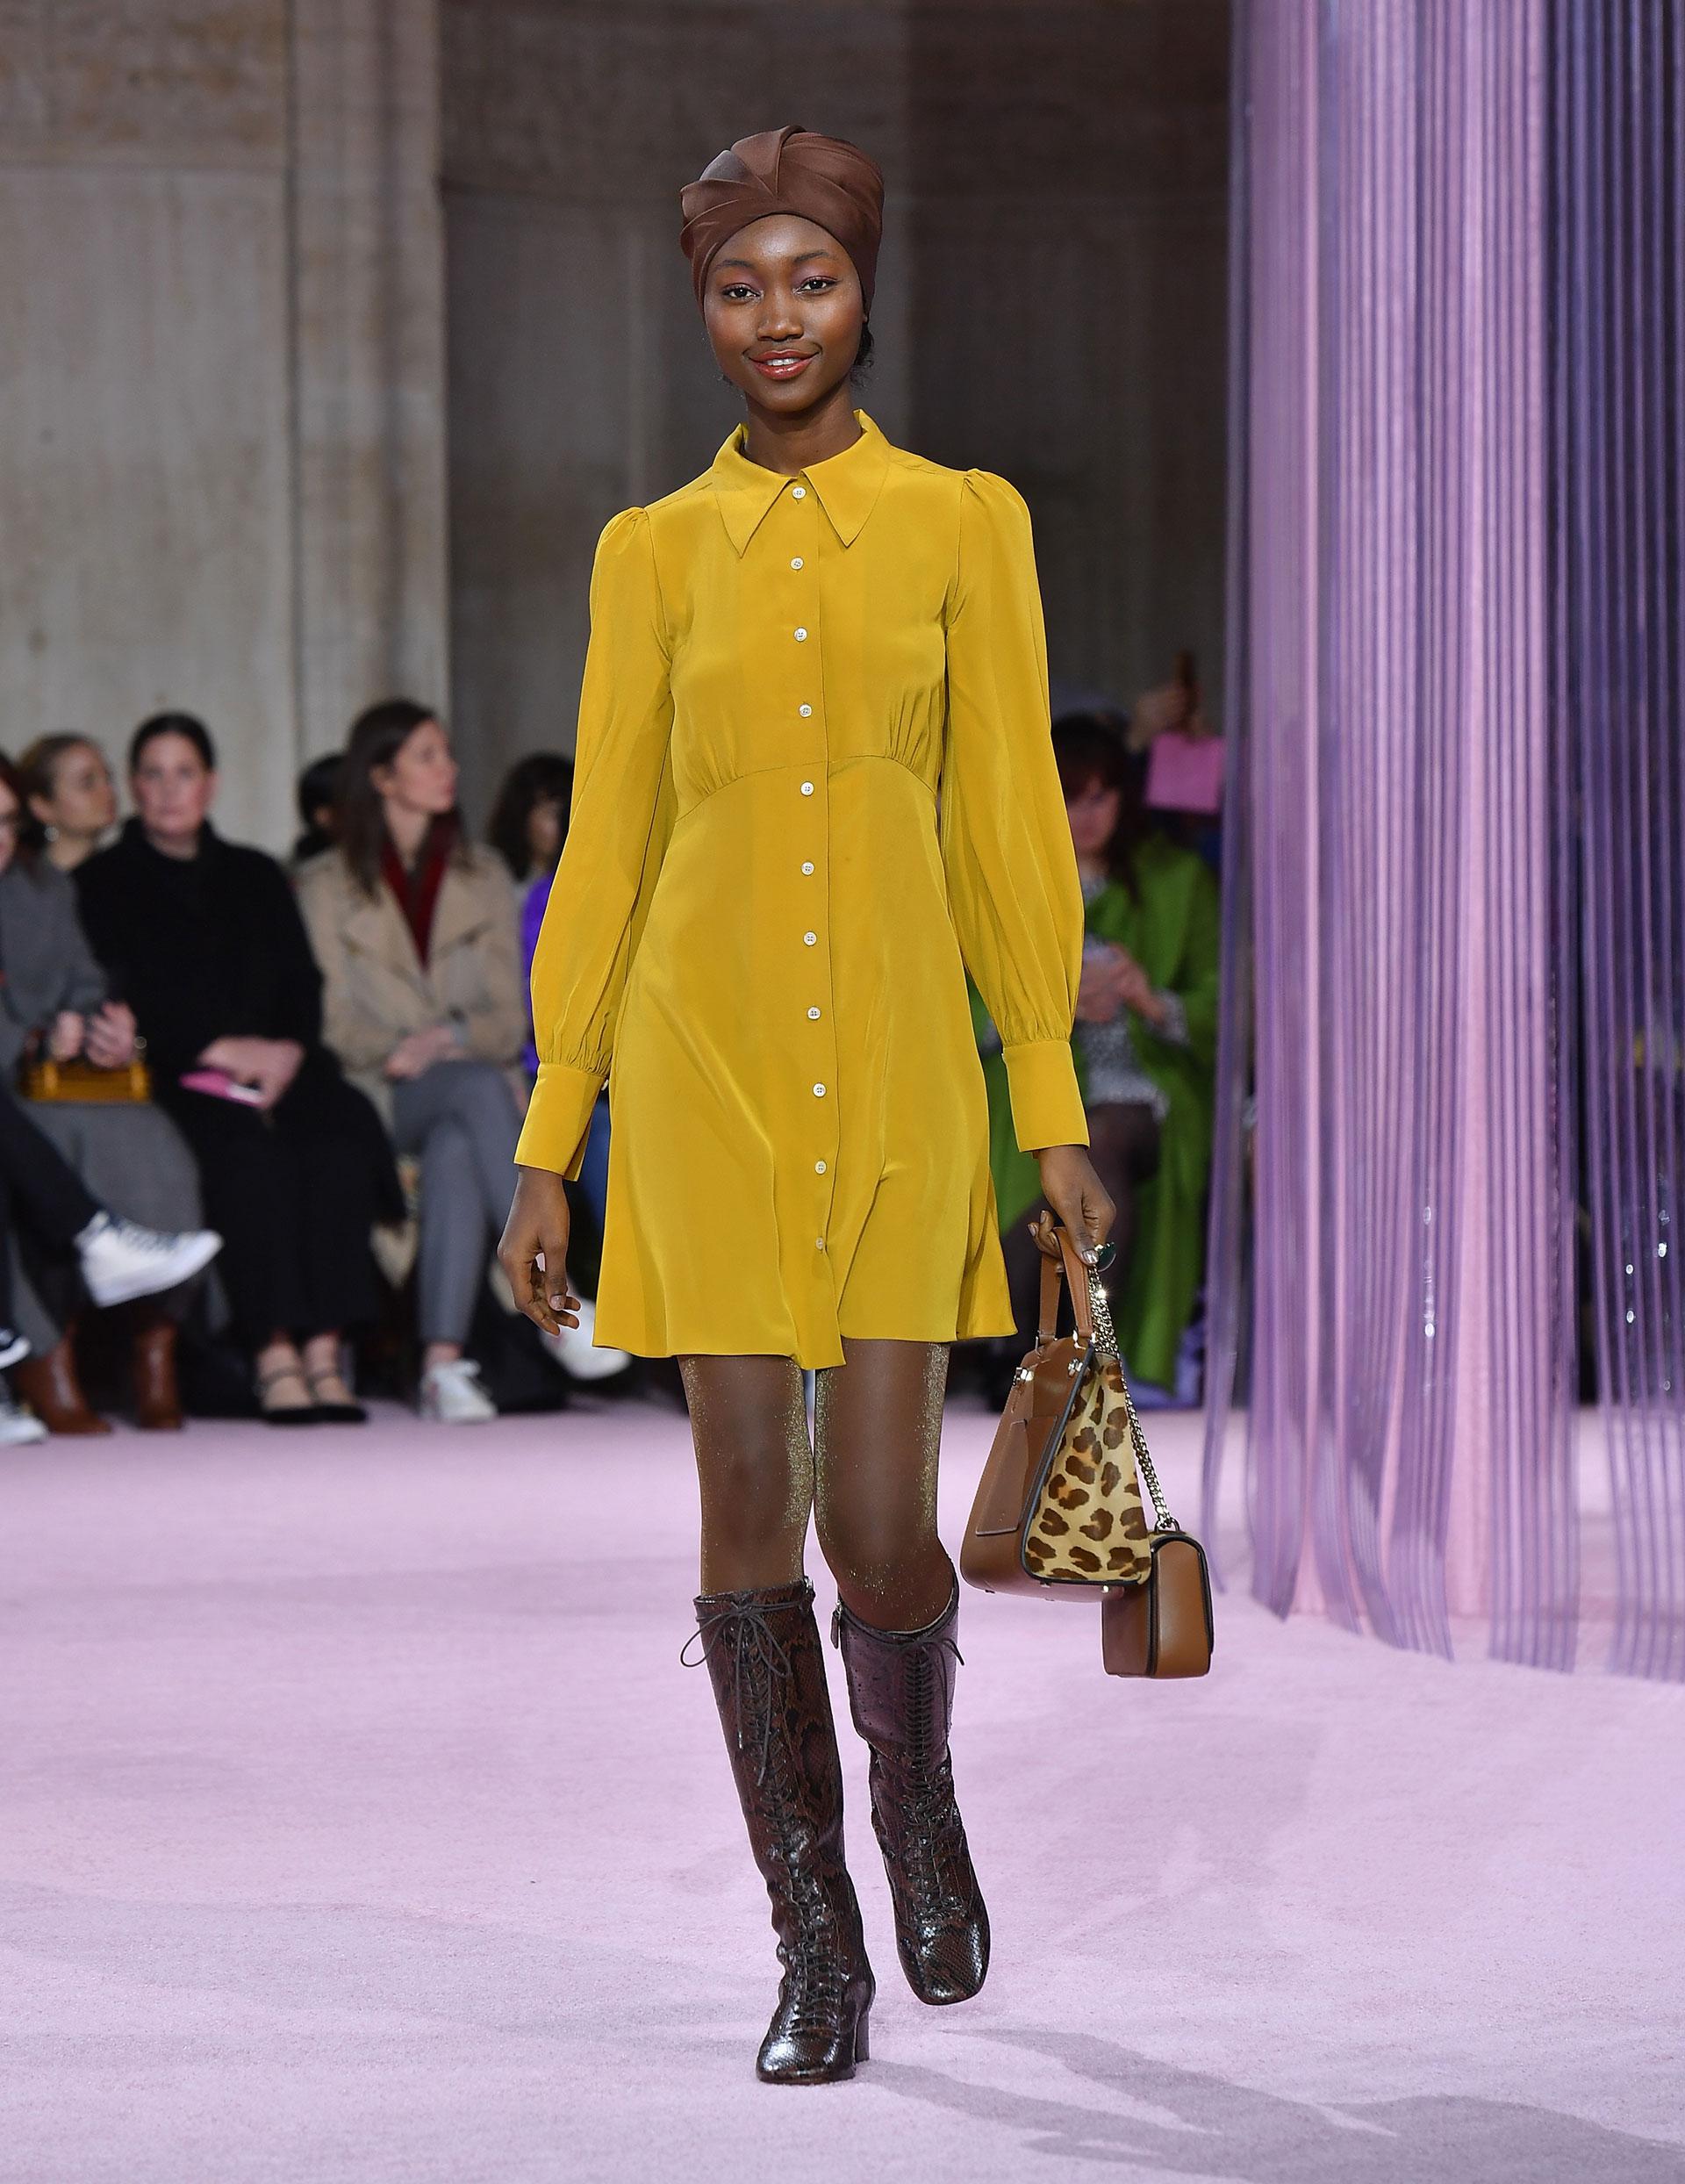 Vestidos camiseros abotonados en amarillo. La combinación de colores tierra, y el animal print, un must para el invierno de Kate Spade 2019